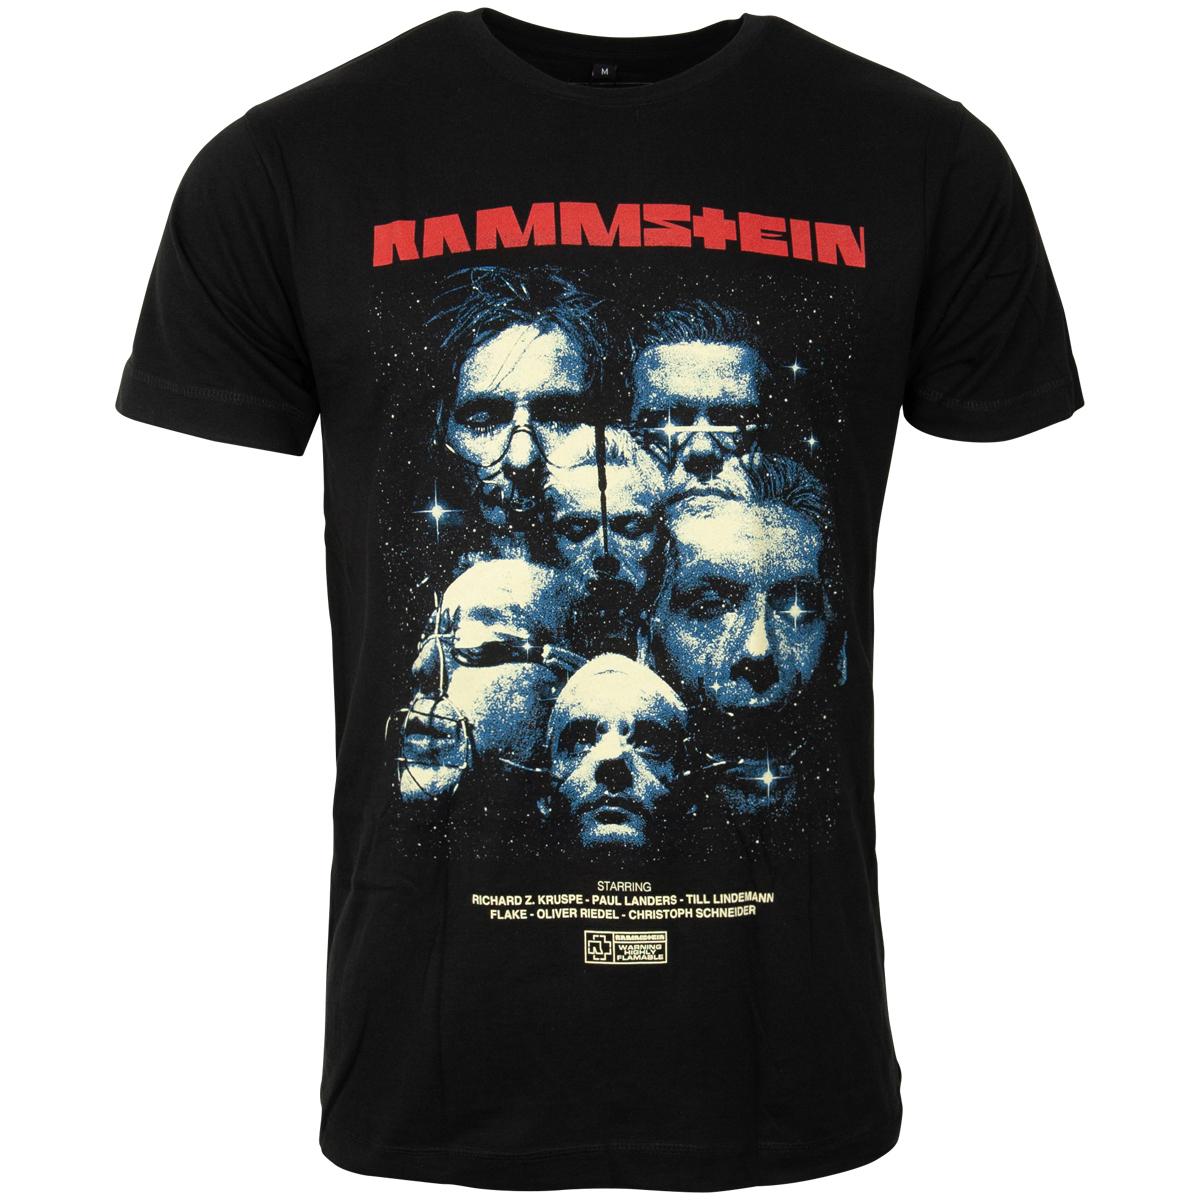 Rammstein - T-Shirt Sehnsucht - schwarz